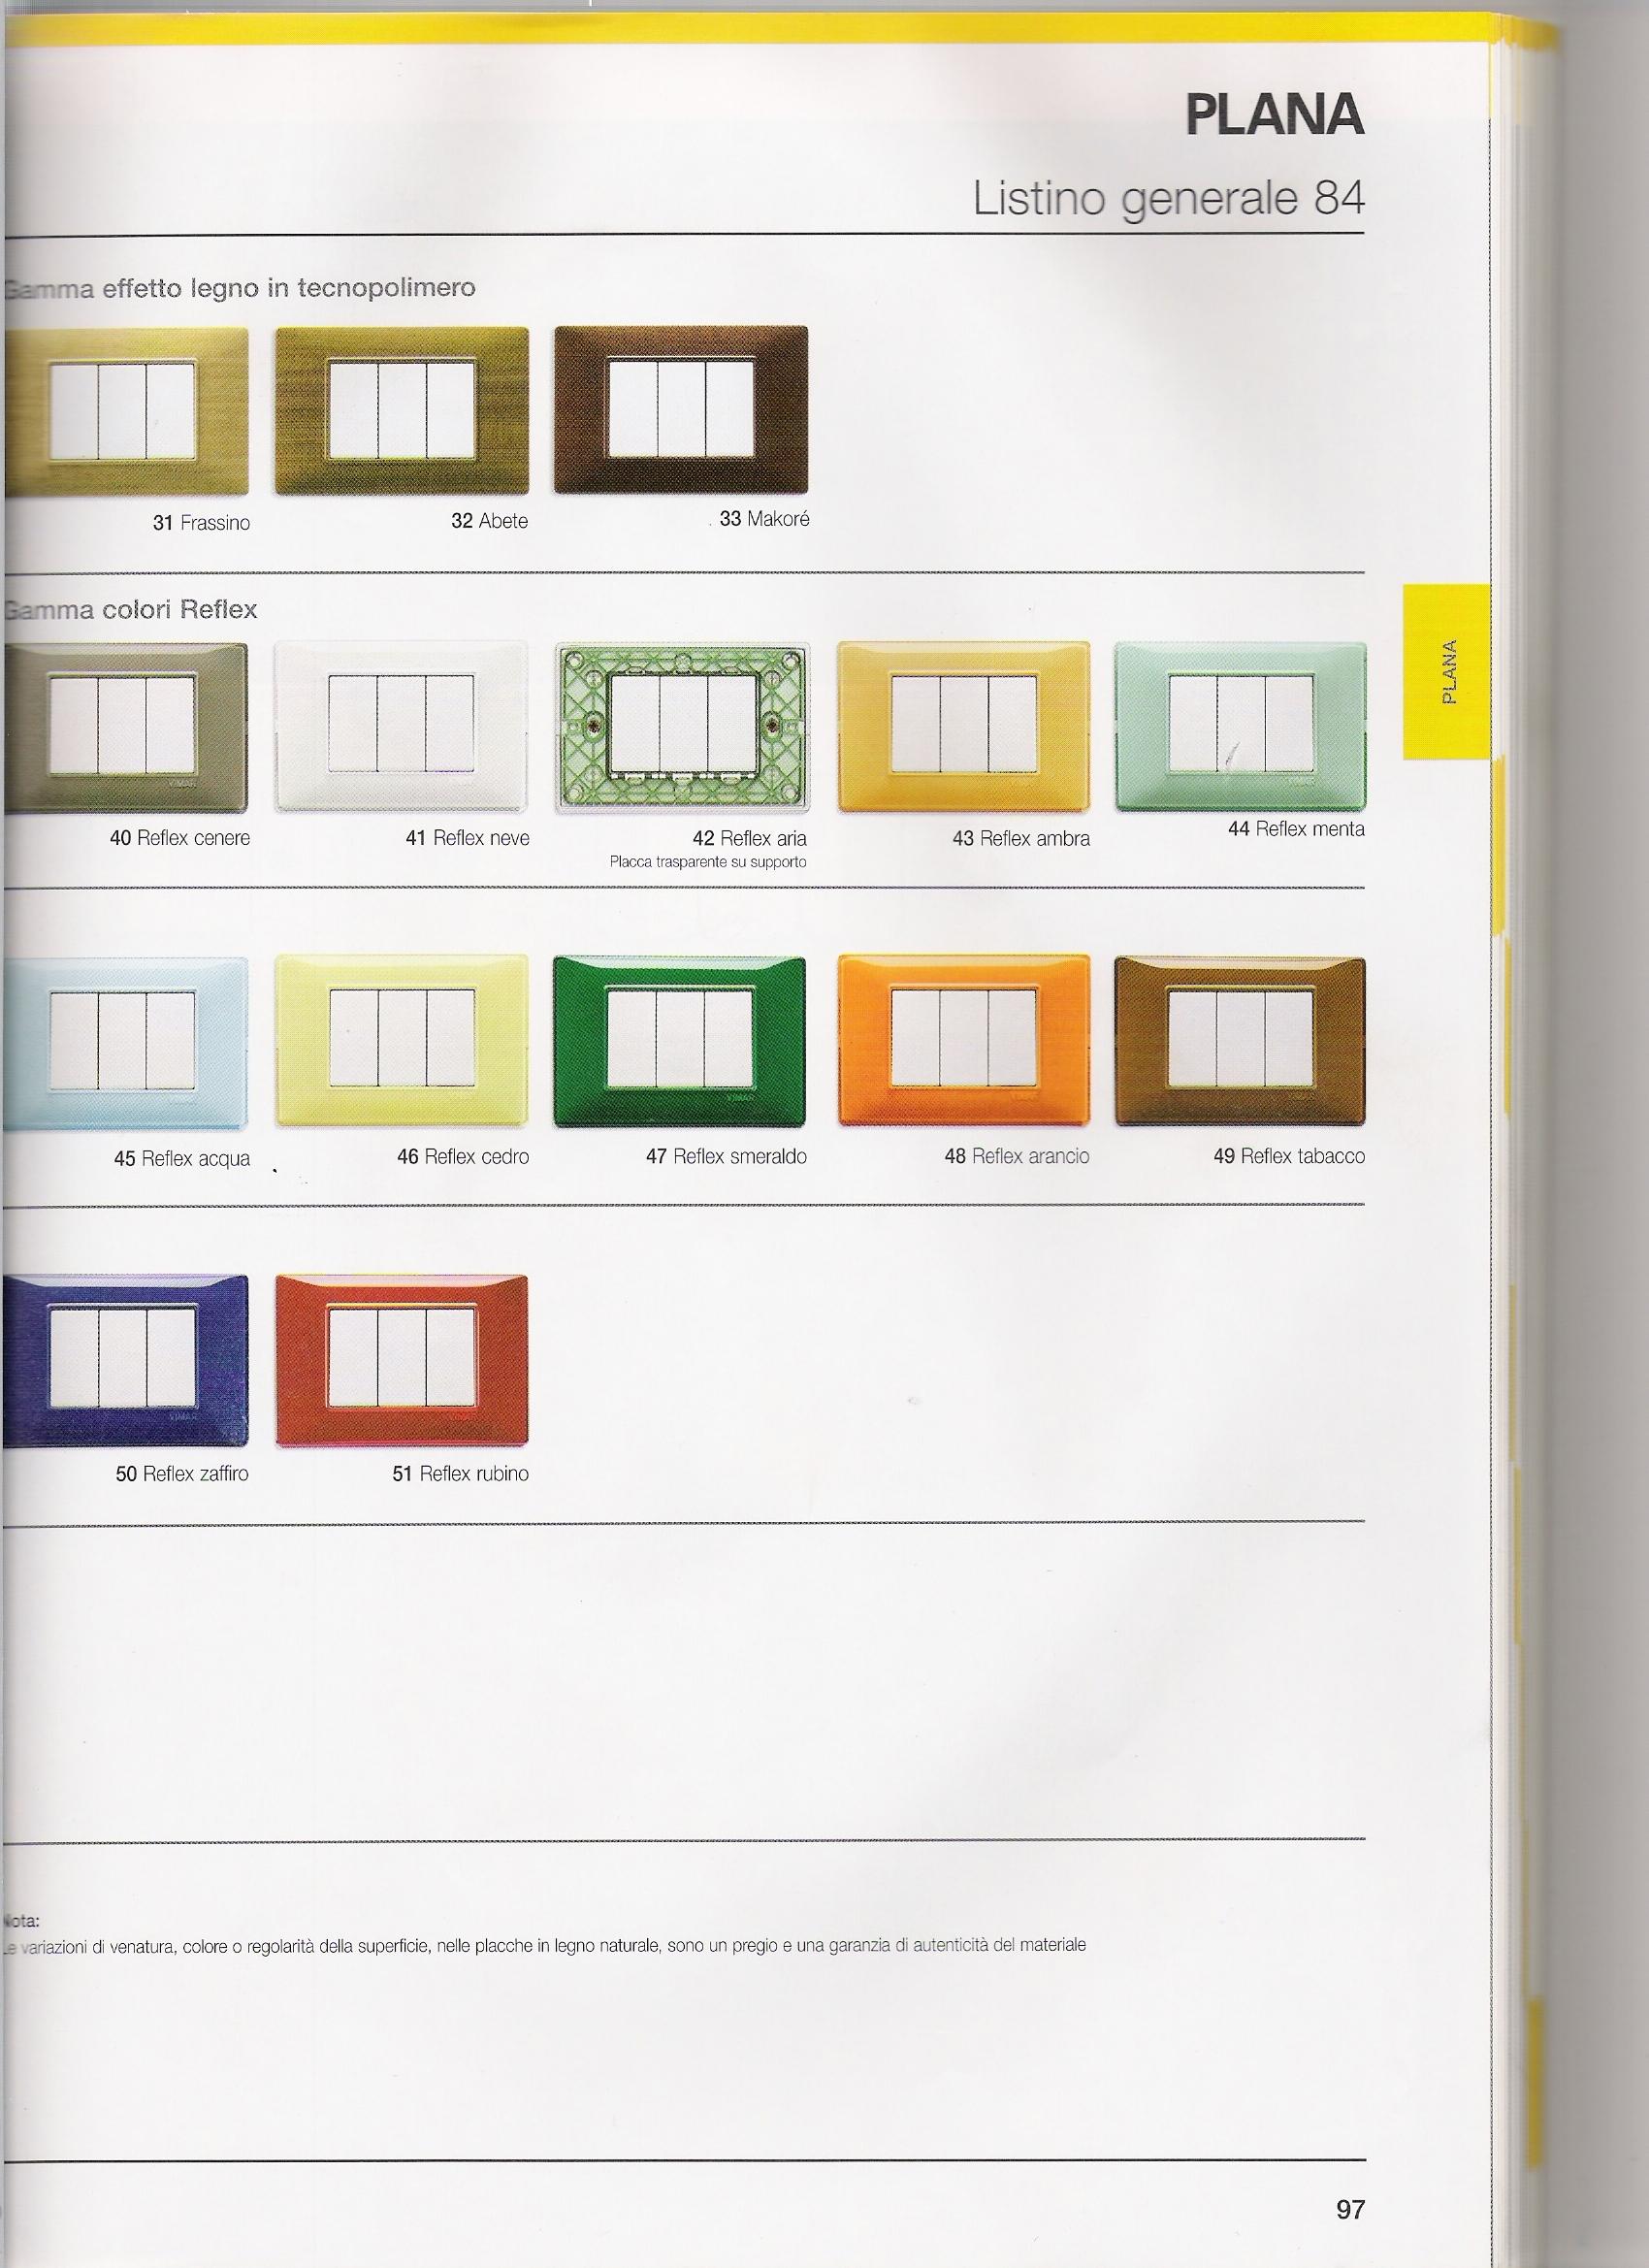 Casa immobiliare accessori serie plana for Bricoman vimar idea